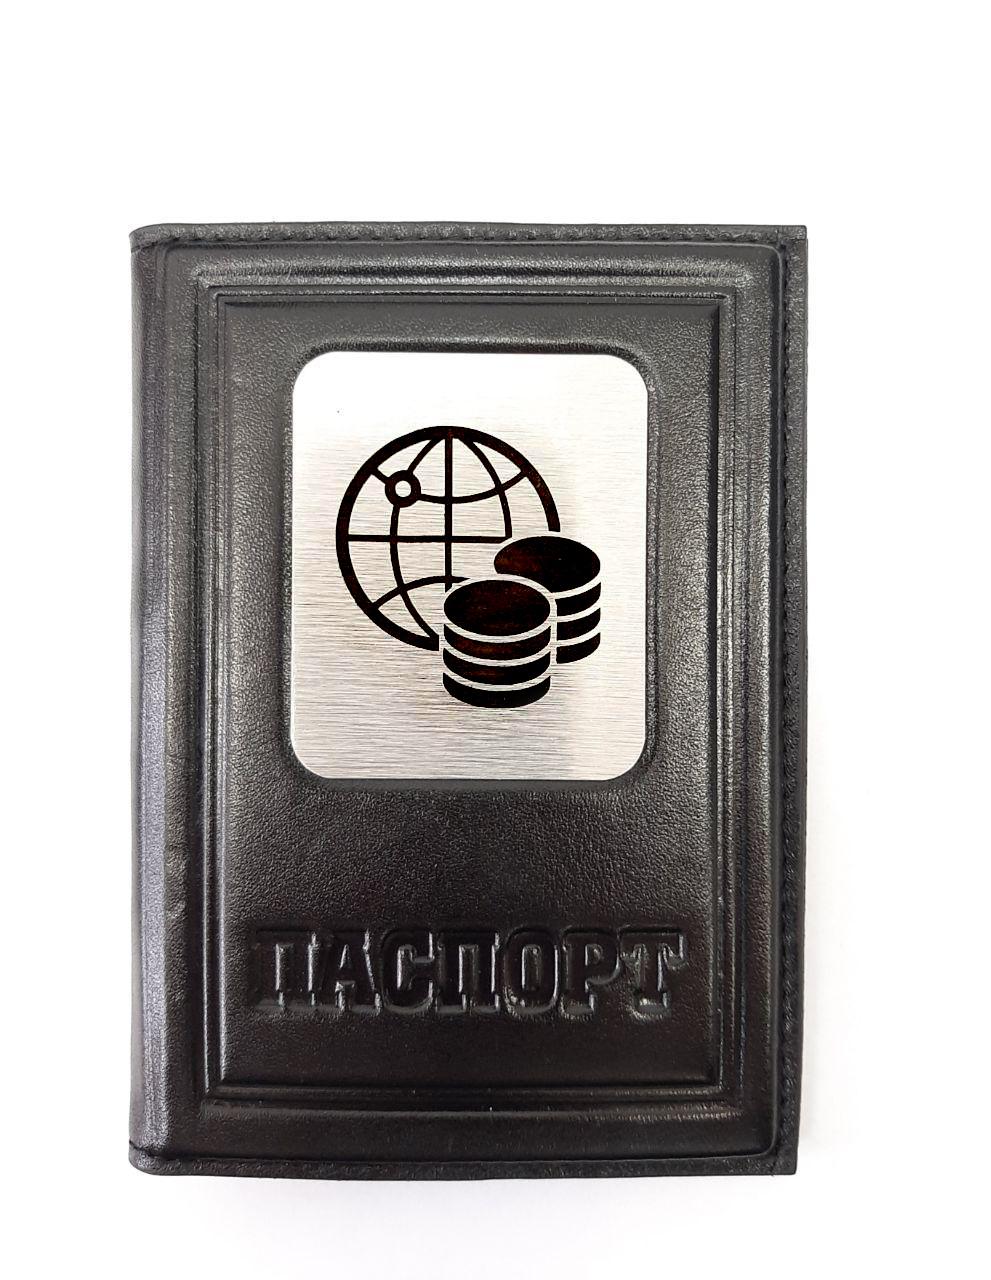 Обложка на паспорт   Финансисту  Чёрный